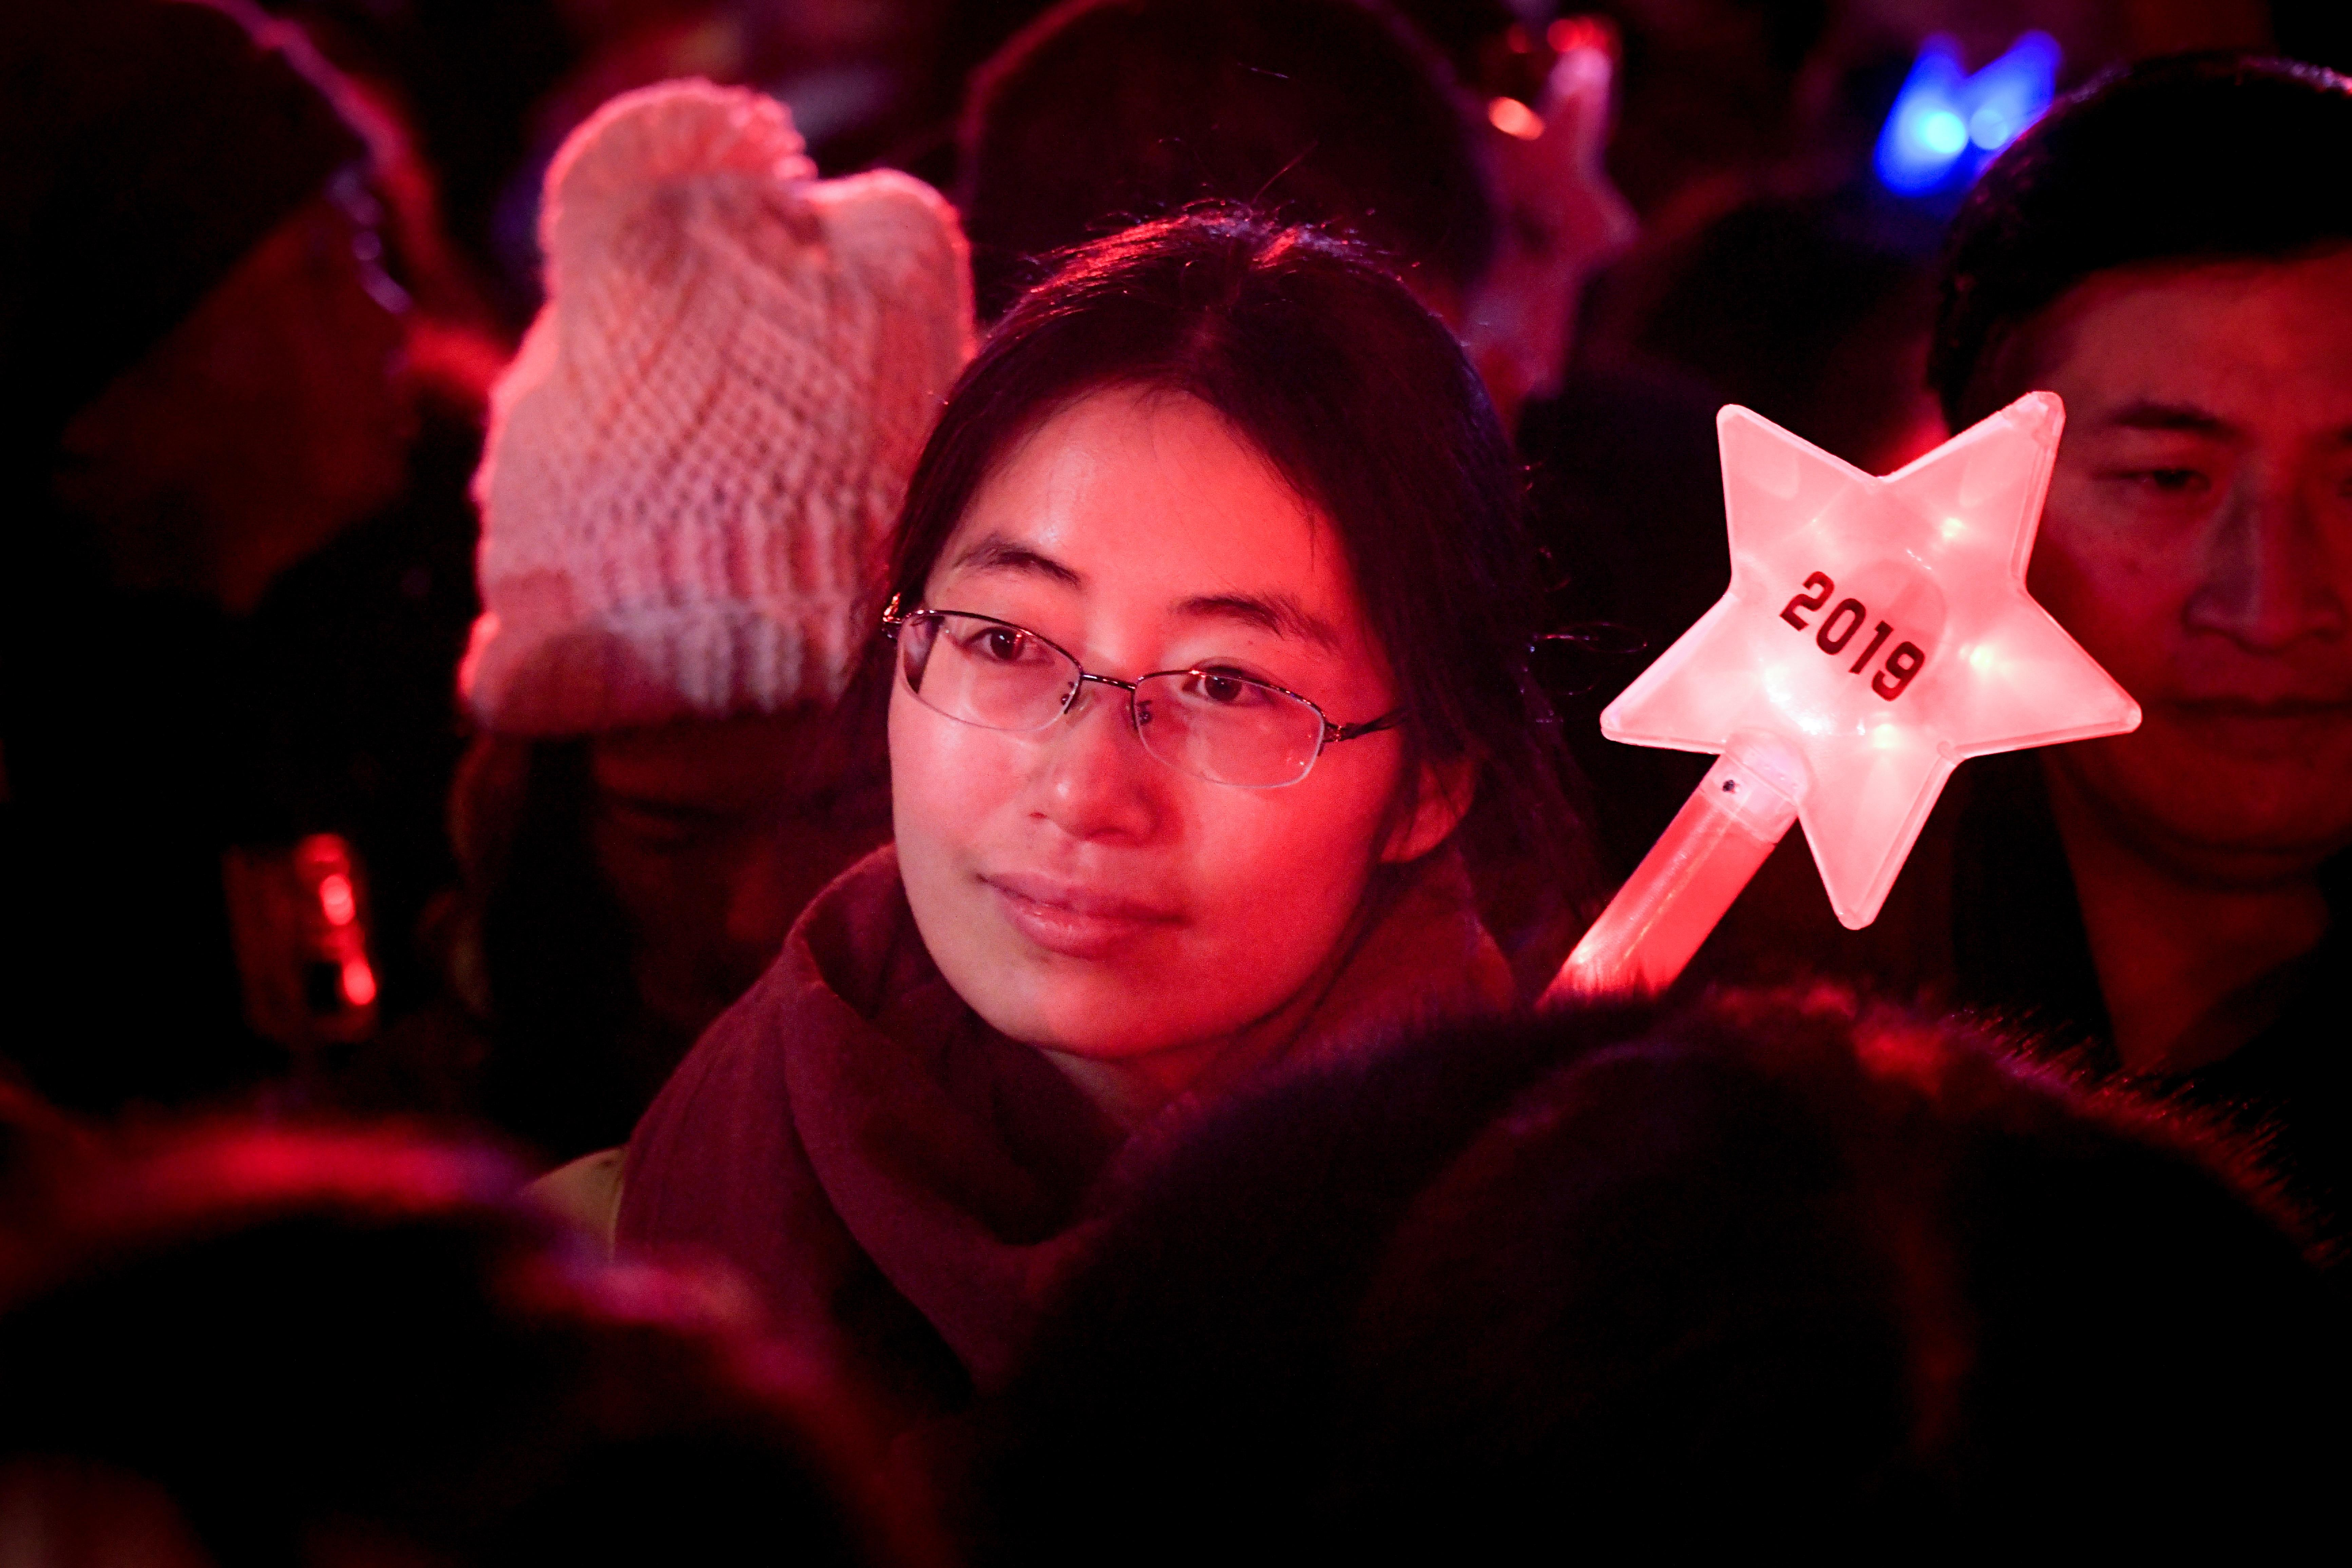 صينية في احتفالات رأس السنة